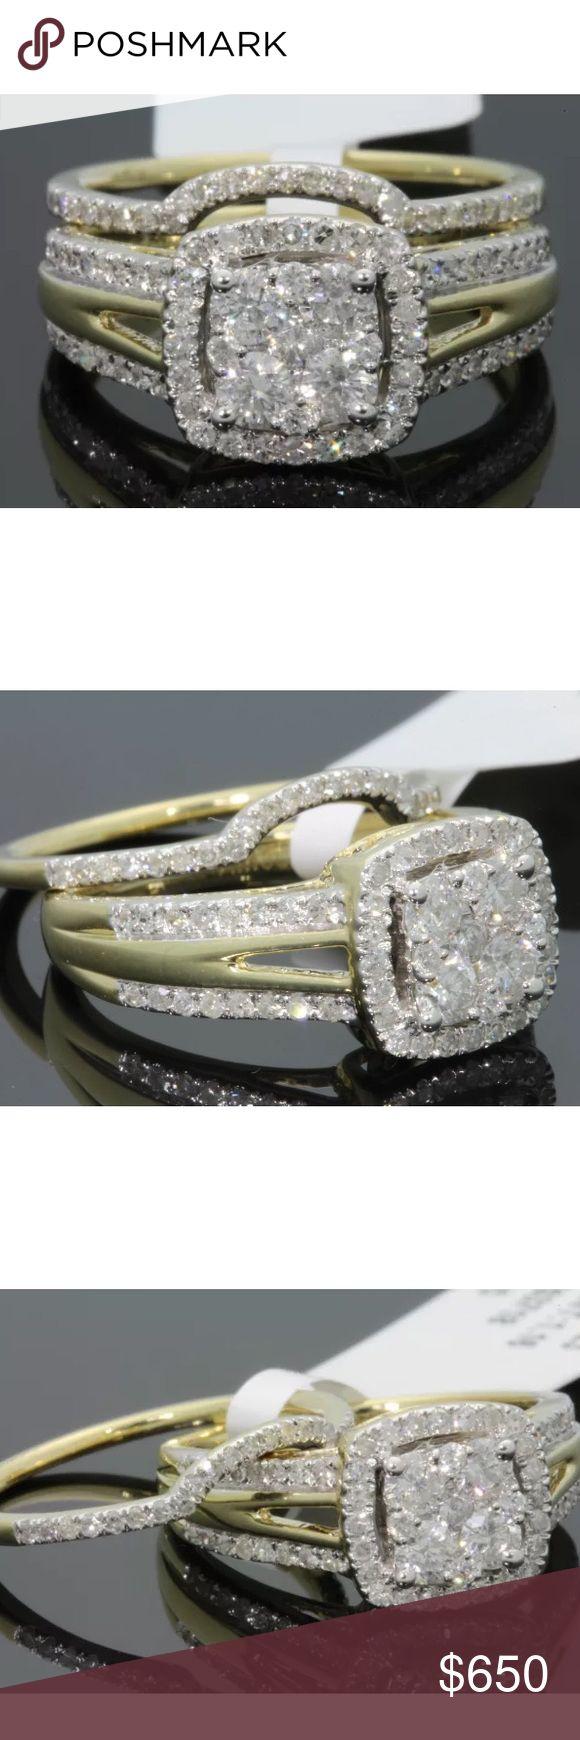 1.10 carat 10k yellow gold diamond ring set 1.10 carat 10k yellow gold diamond ring set! High quality diamonds retail over $2500!!! Jewelry Rings